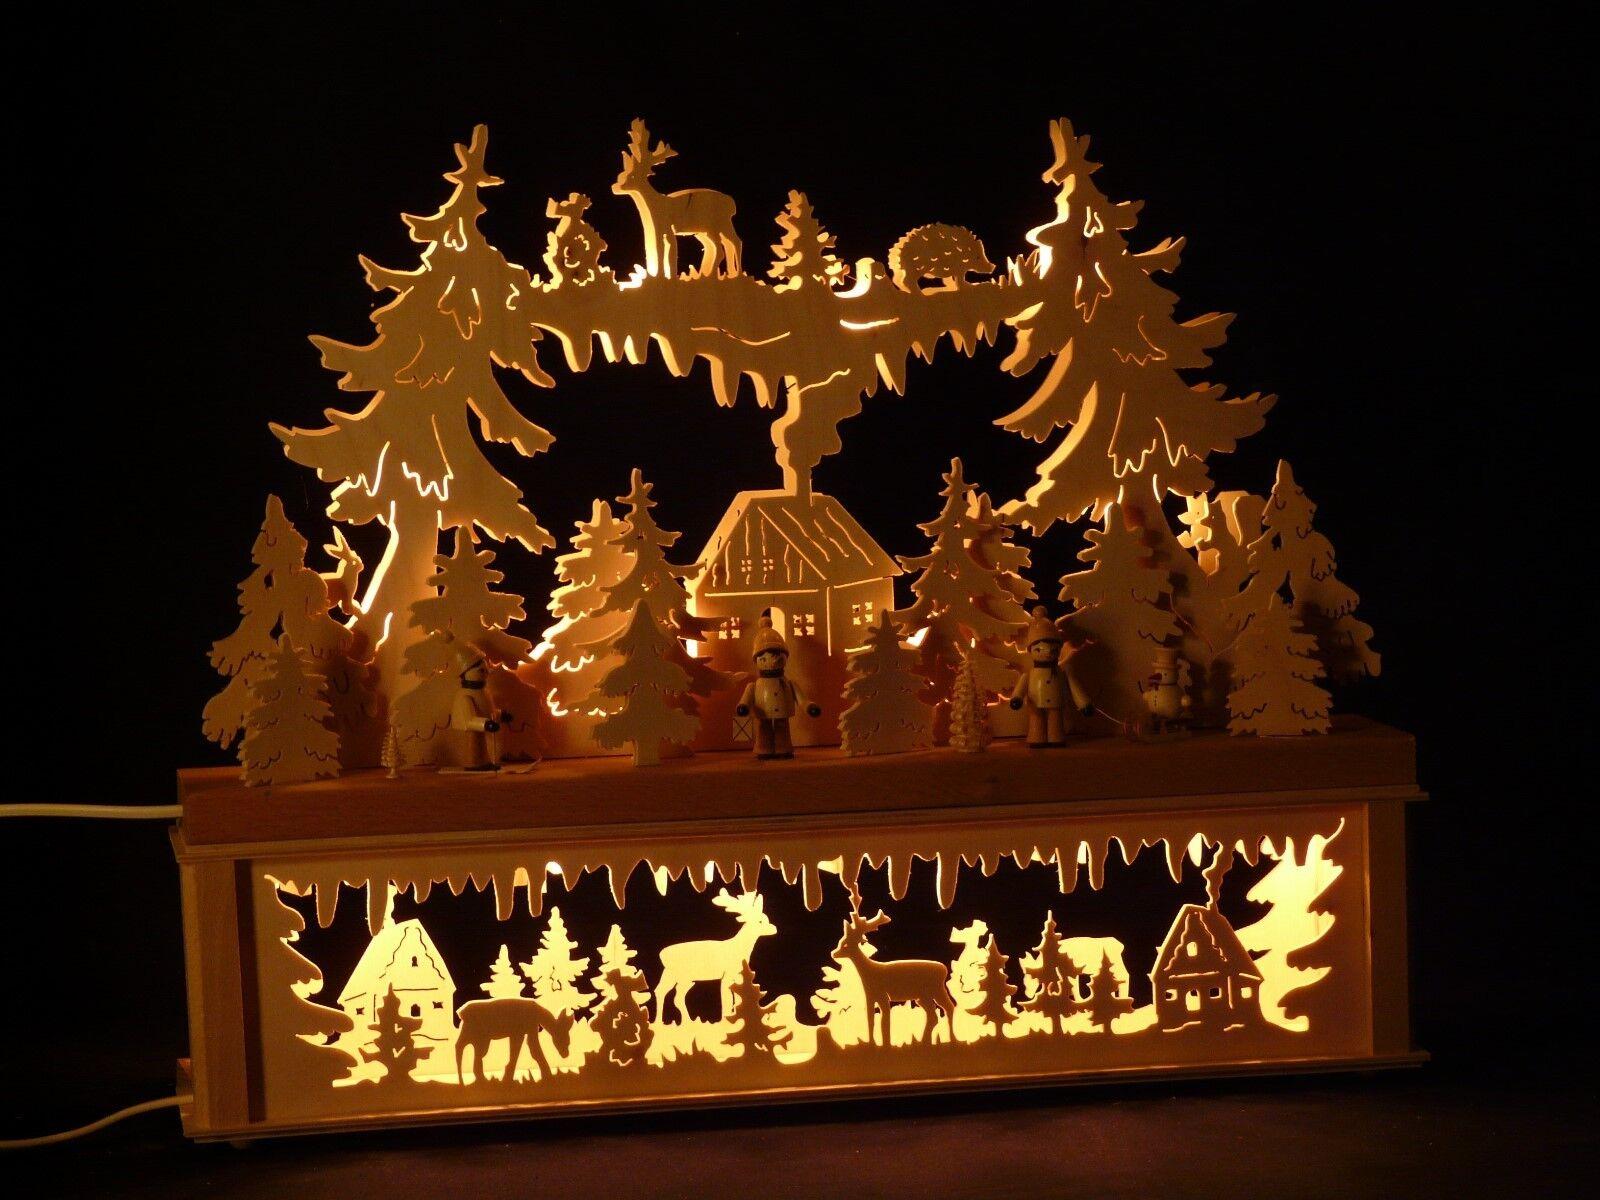 Schwibbogen Schwibbogen Schwibbogen Lichterbogen mit Erhöhung made Erzgebirge Seiffen P-KB324   | Primäre Qualität  | Attraktives Aussehen  551110